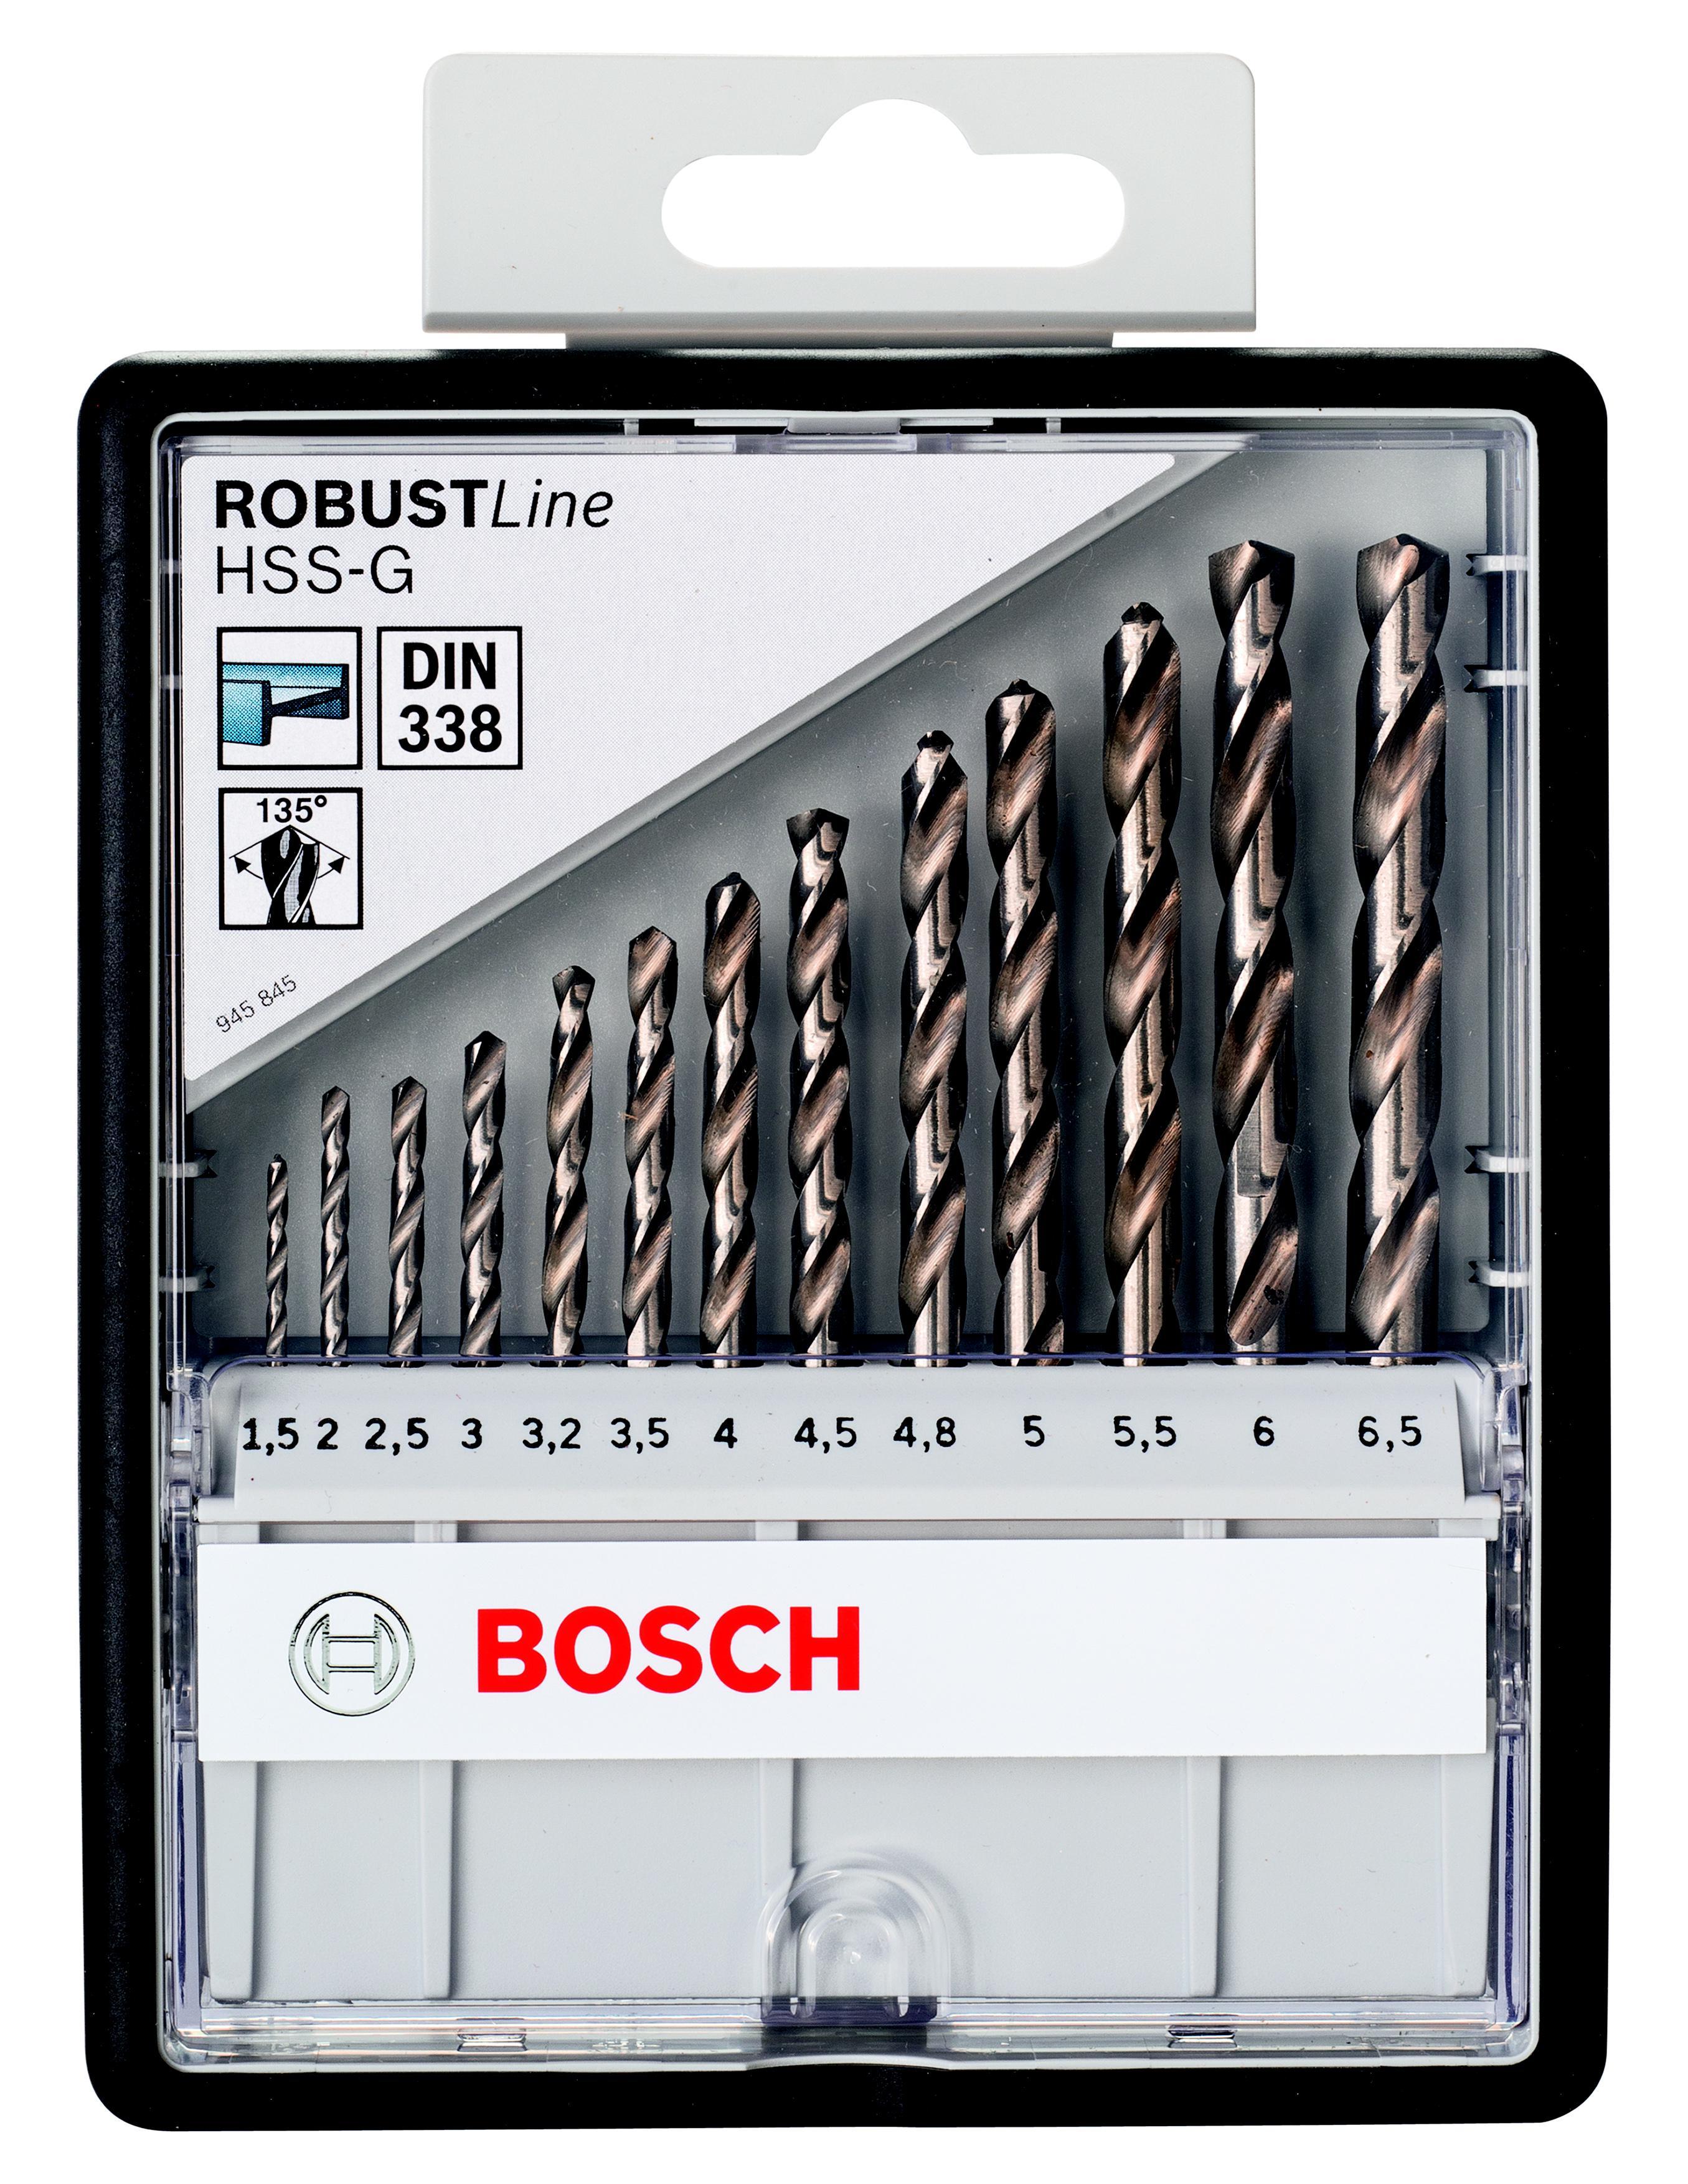 Набор сверл Bosch Robust line hss-g 13 шт. (2.607.010.538) пила дисковая bosch gks 55 g 601682000